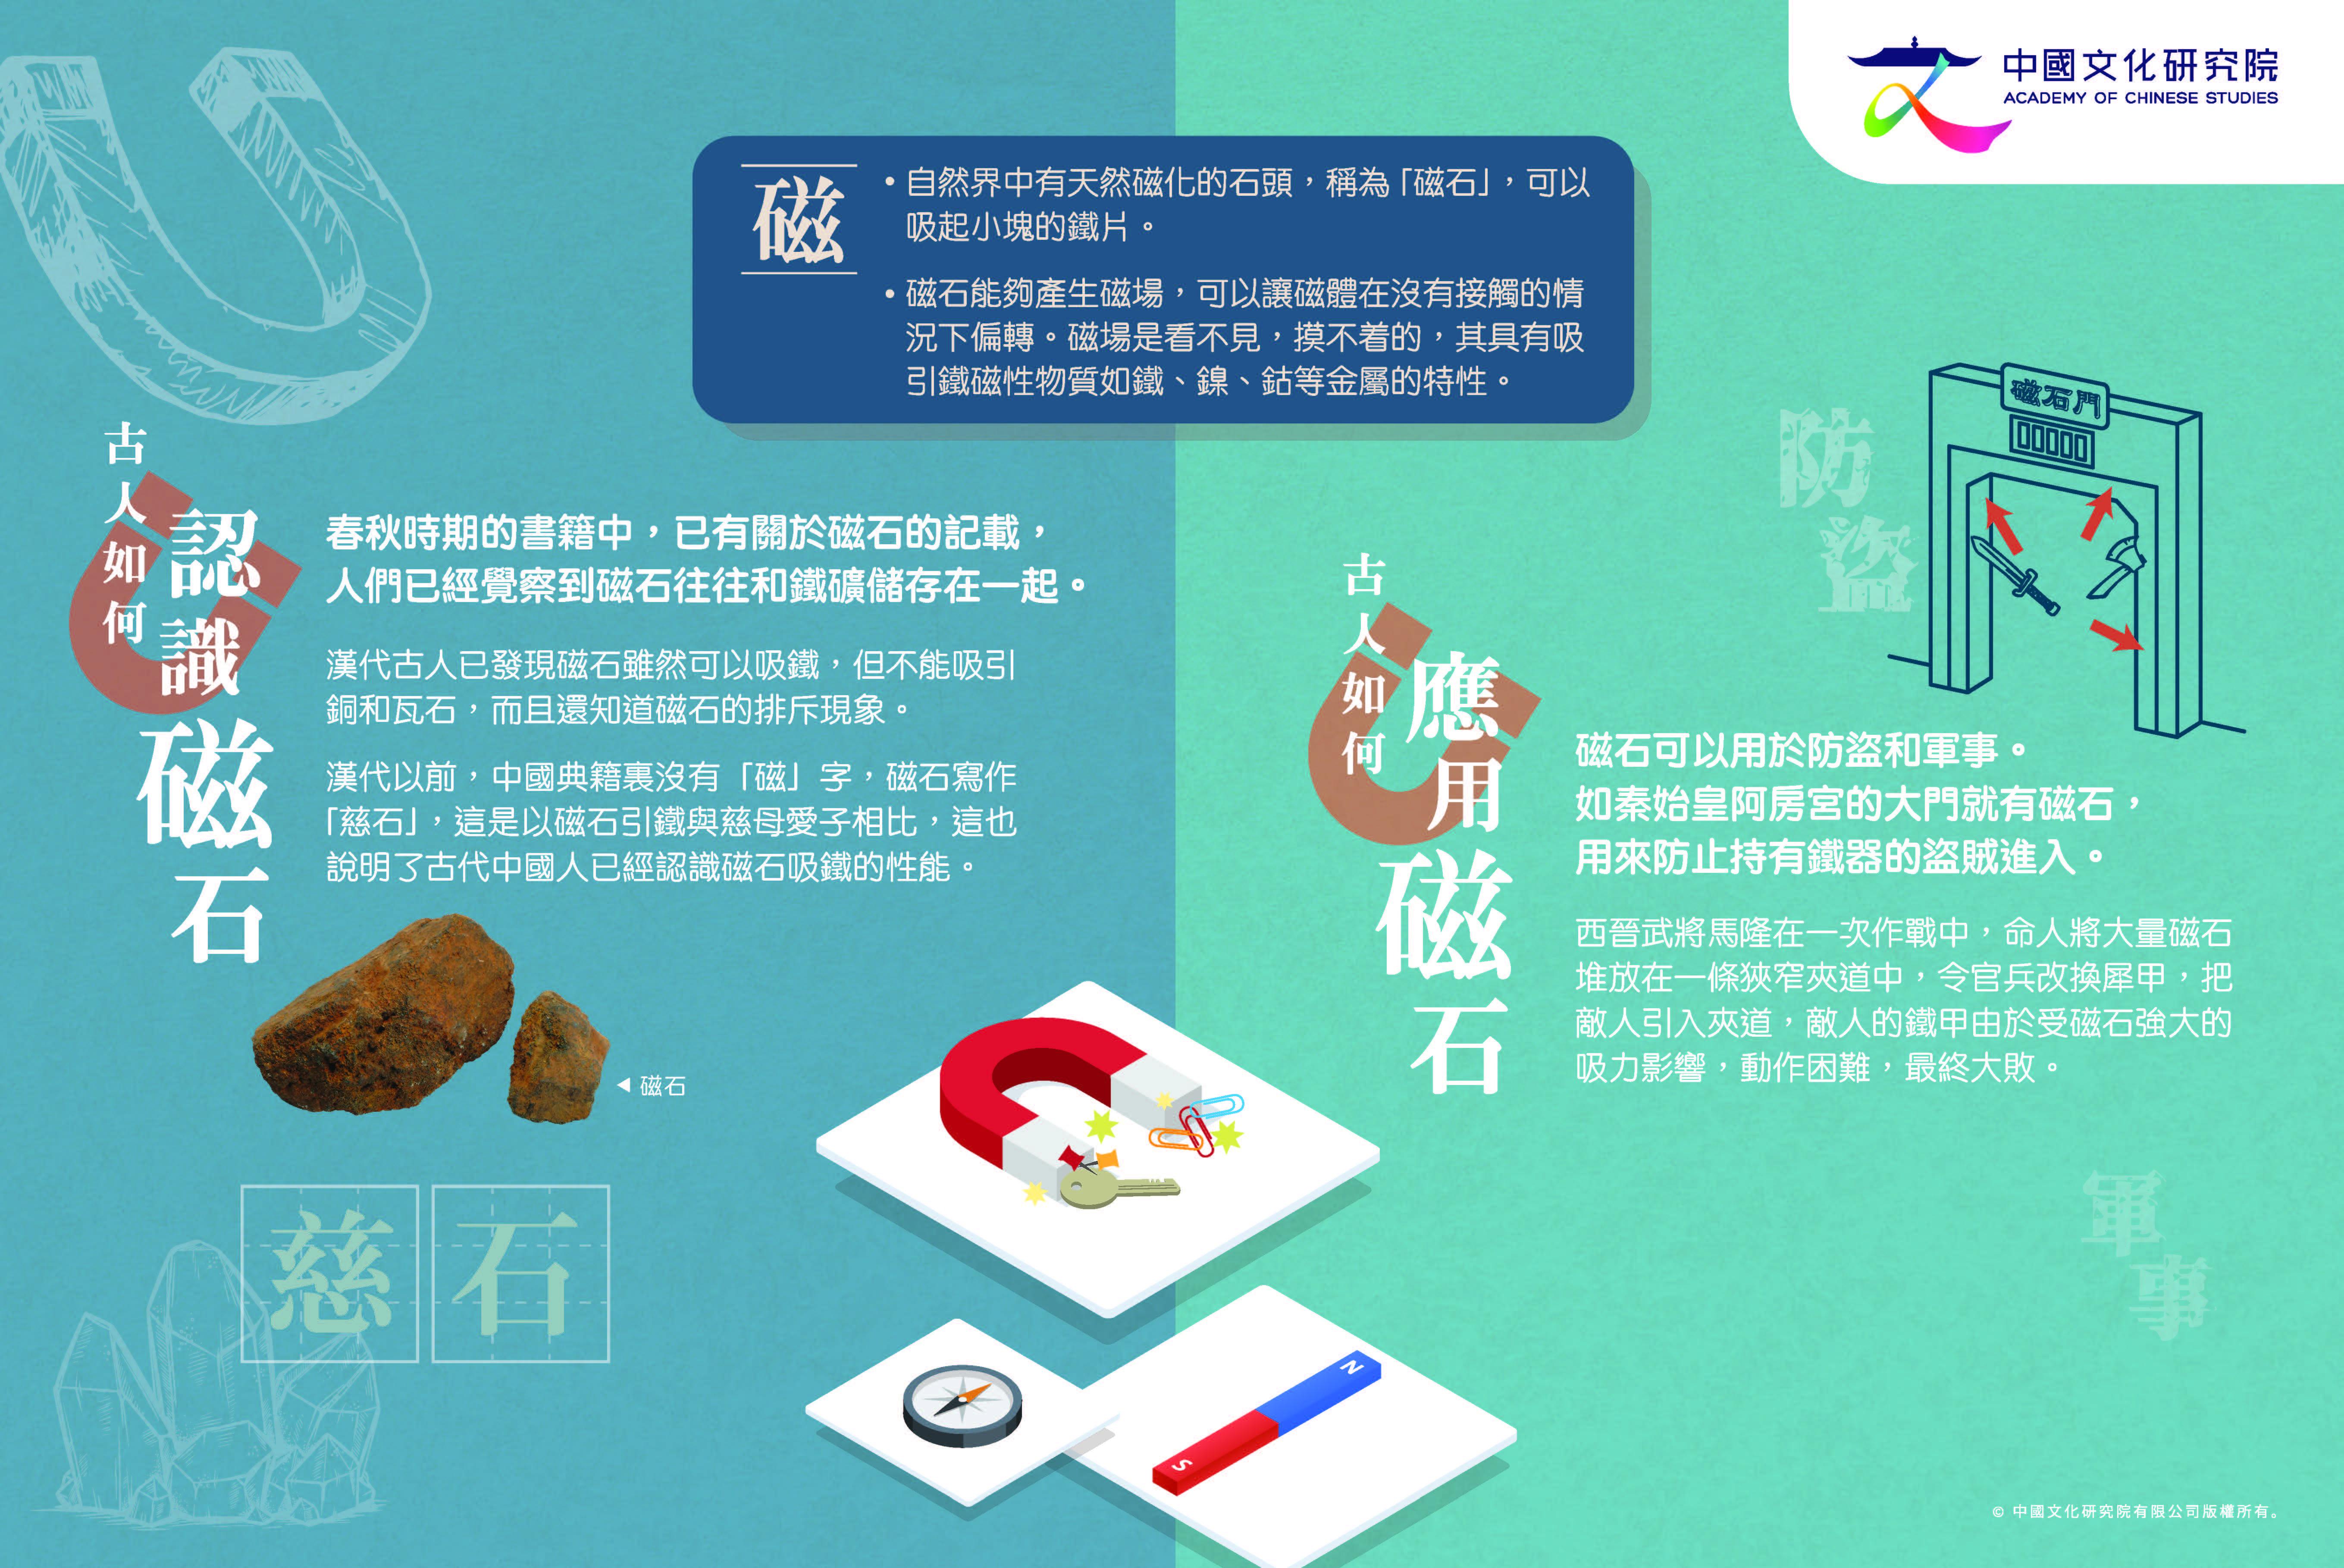 zhongguogudaikexuejishu_zhongxueban5-8_v4_compressed_page_1